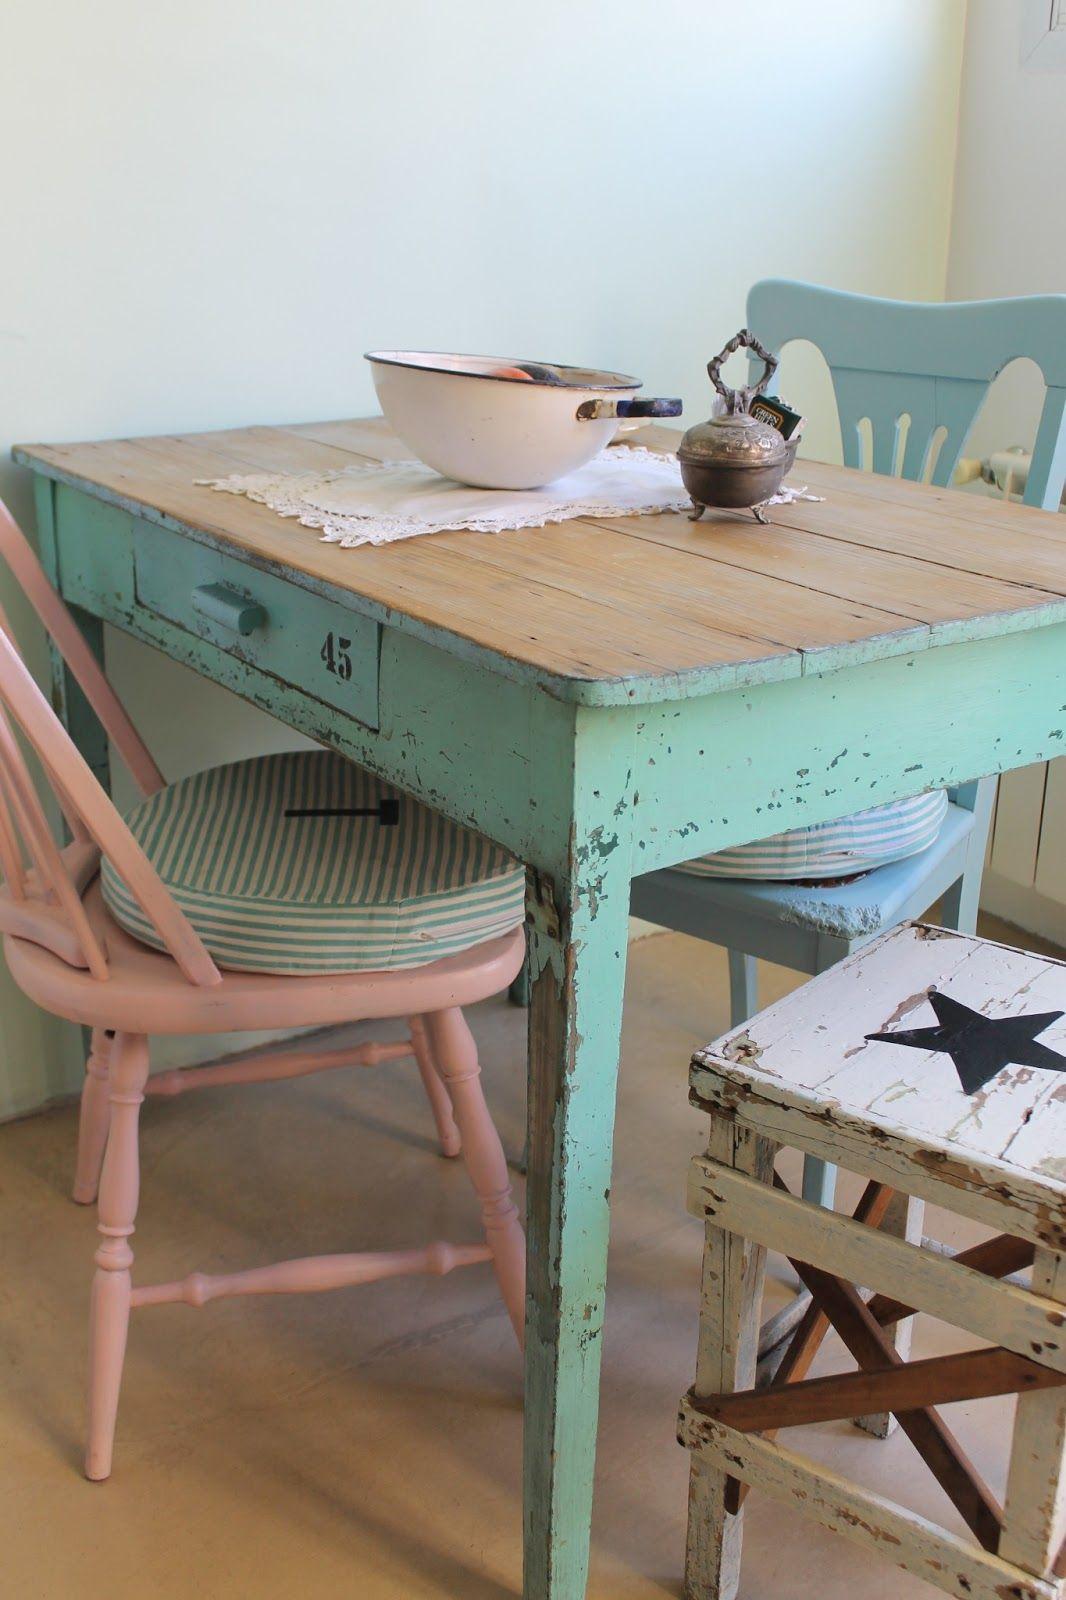 Dale un toque r stico provenzal a tus muebles para tu casa for Muebles para casa de campo